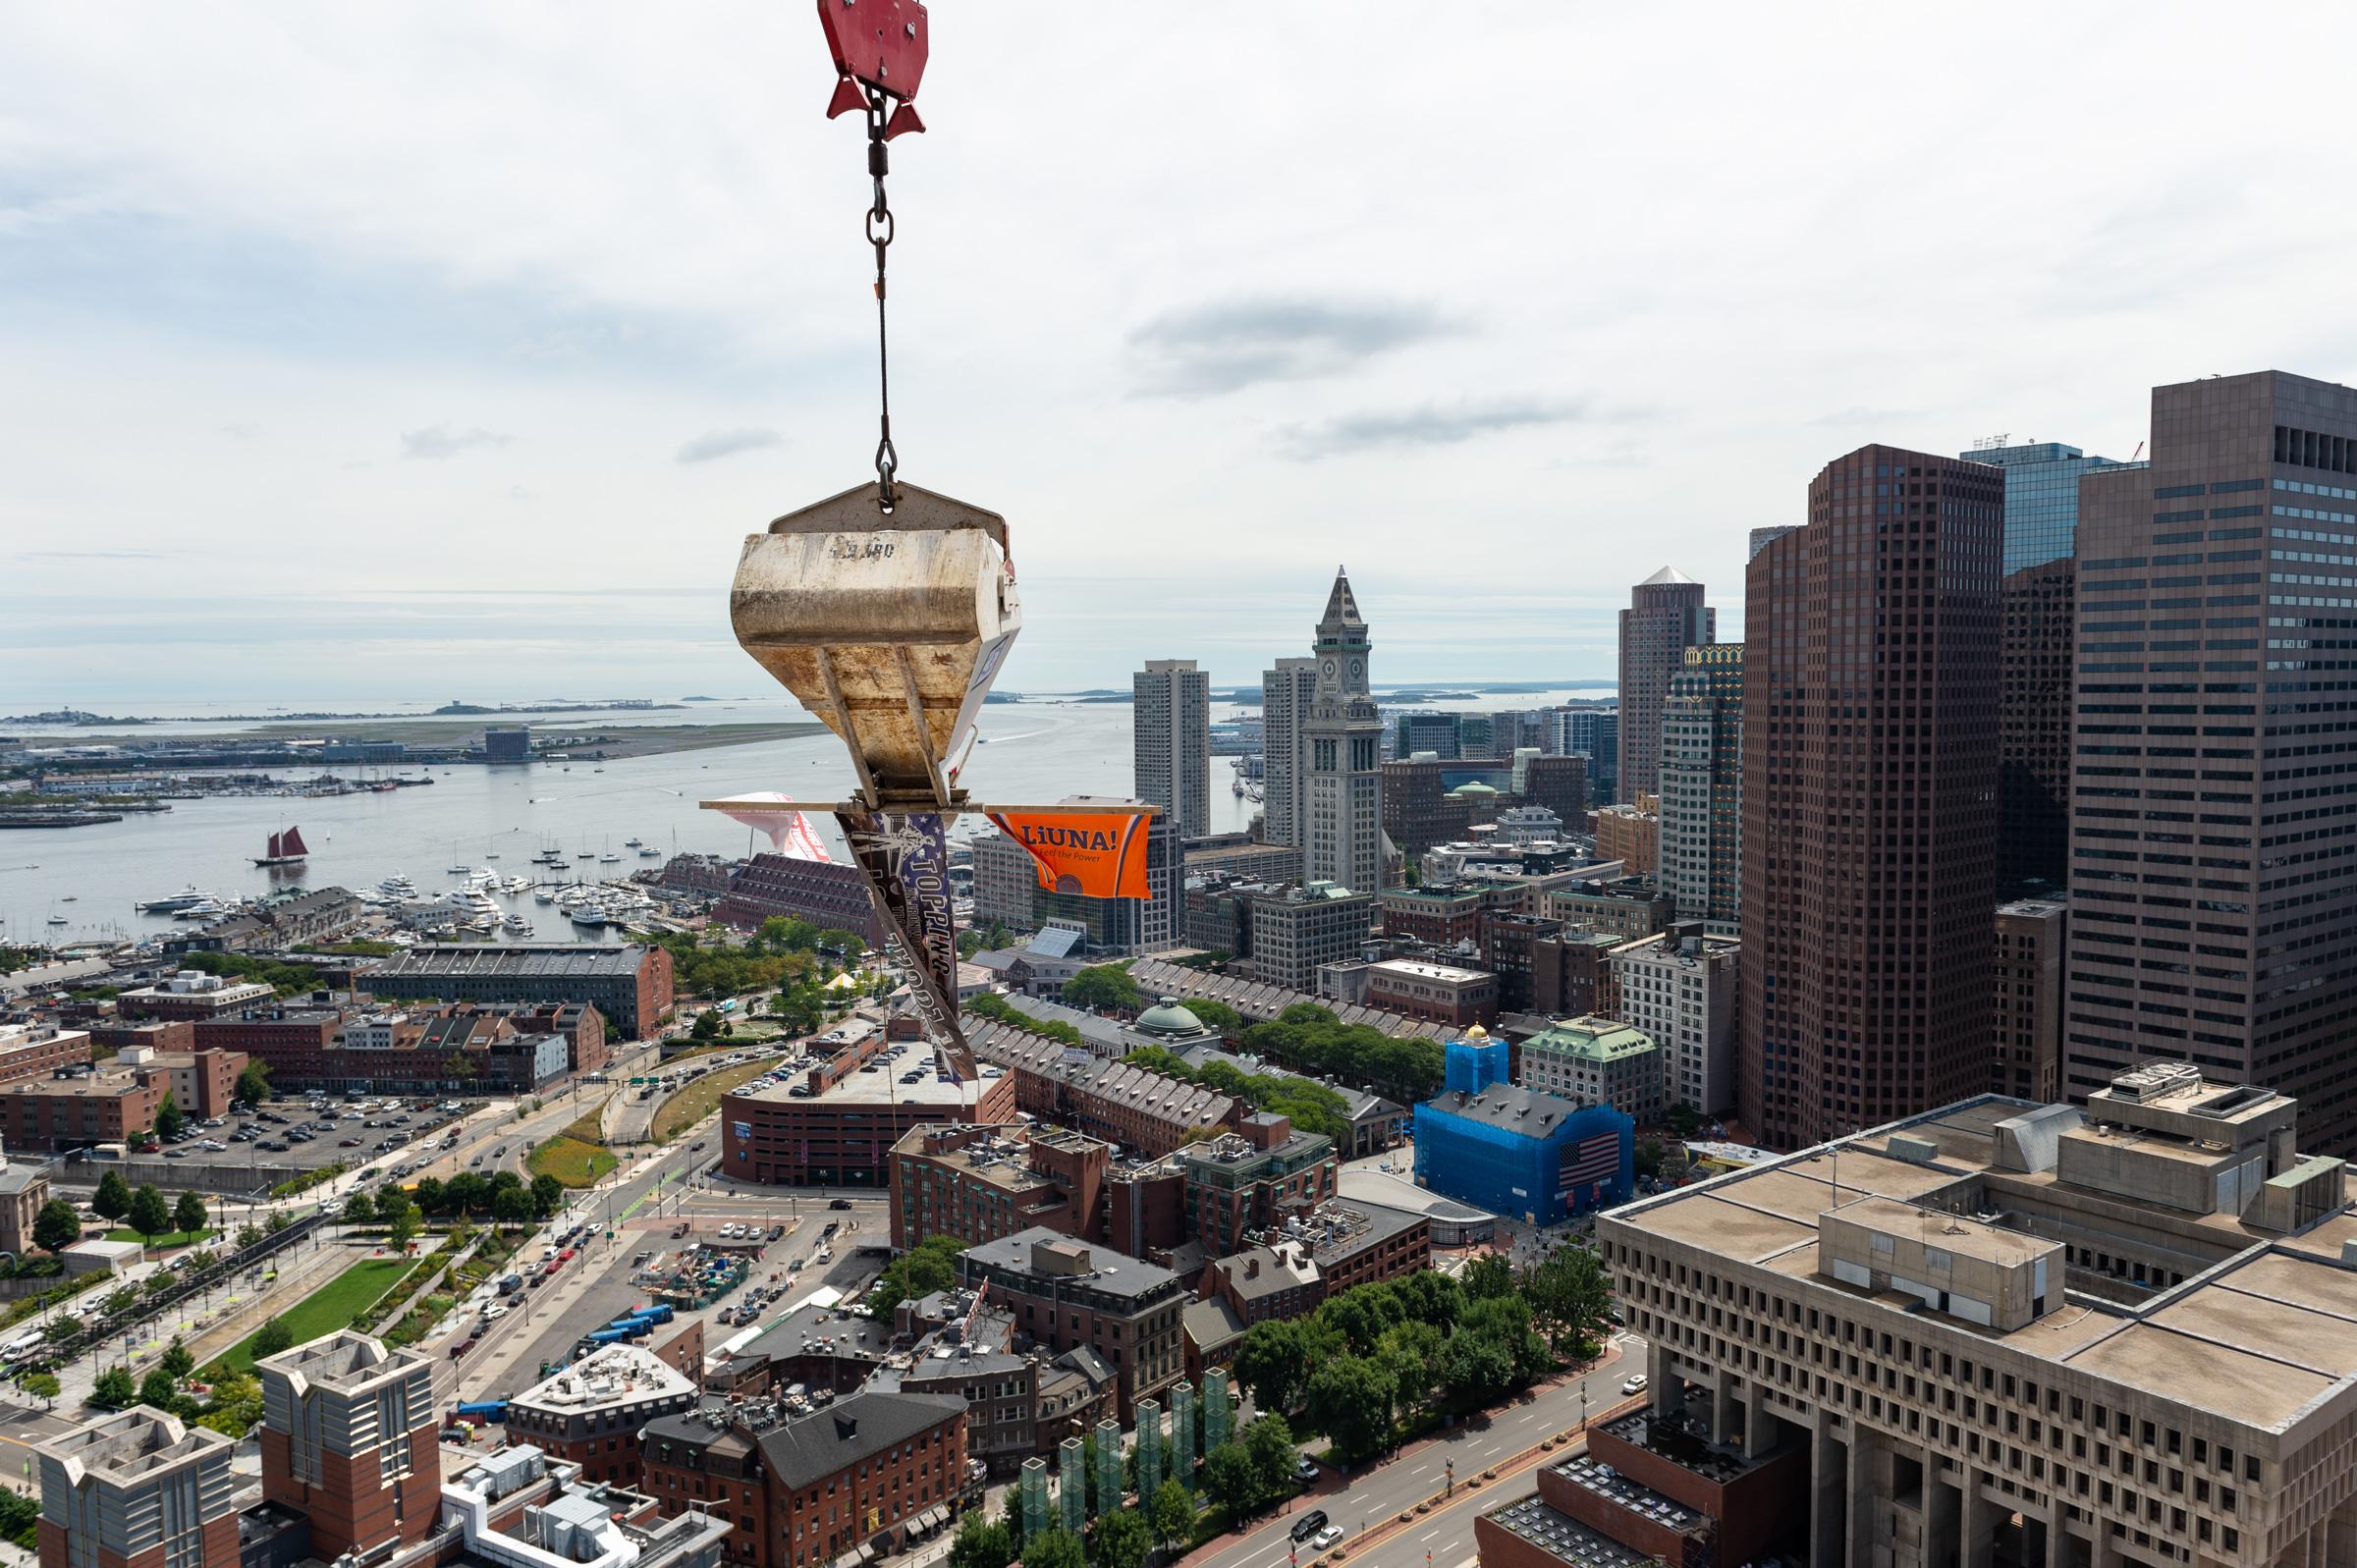 A crane suspended over Boston.